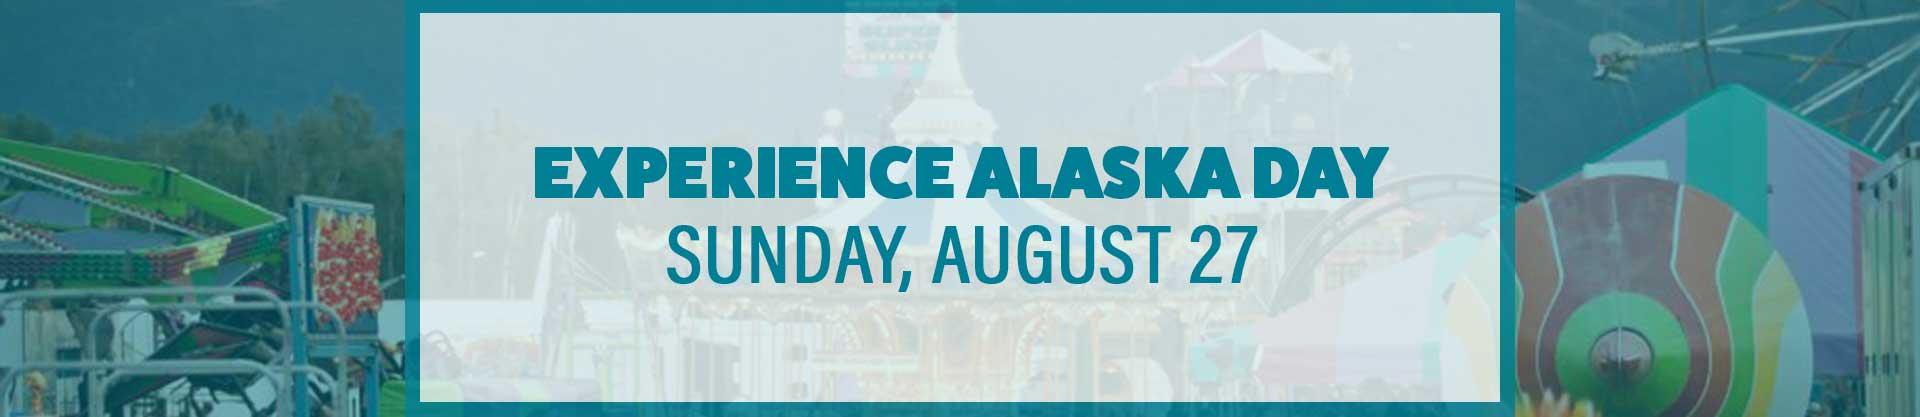 EXPERIENCE ALASKA DAY